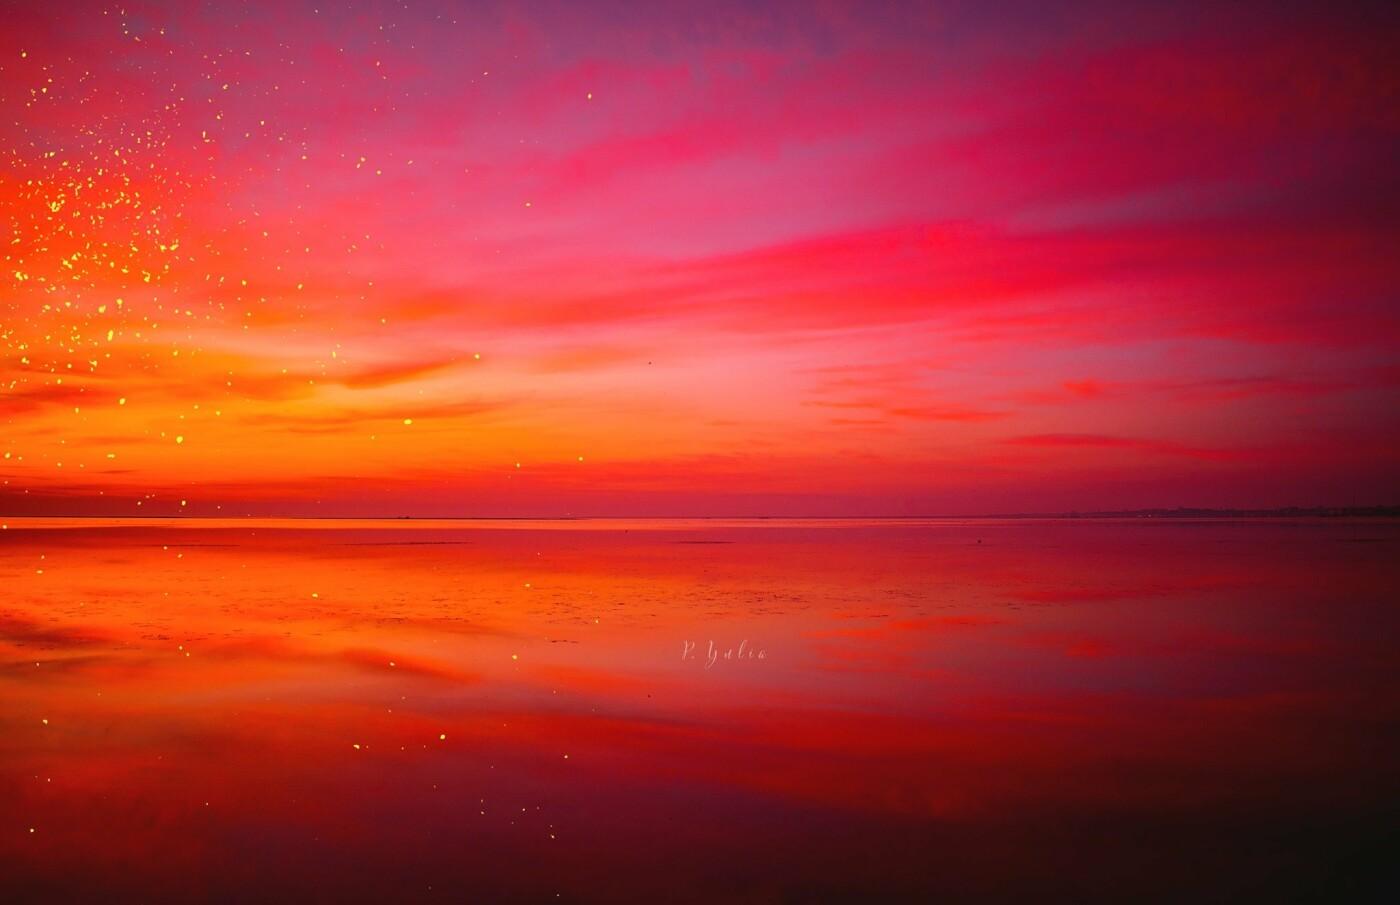 Мудрость от 06153: где красивые закаты, там лучший отдых - ВИДЕО, ФОТО, фото-7, Юлия Покас